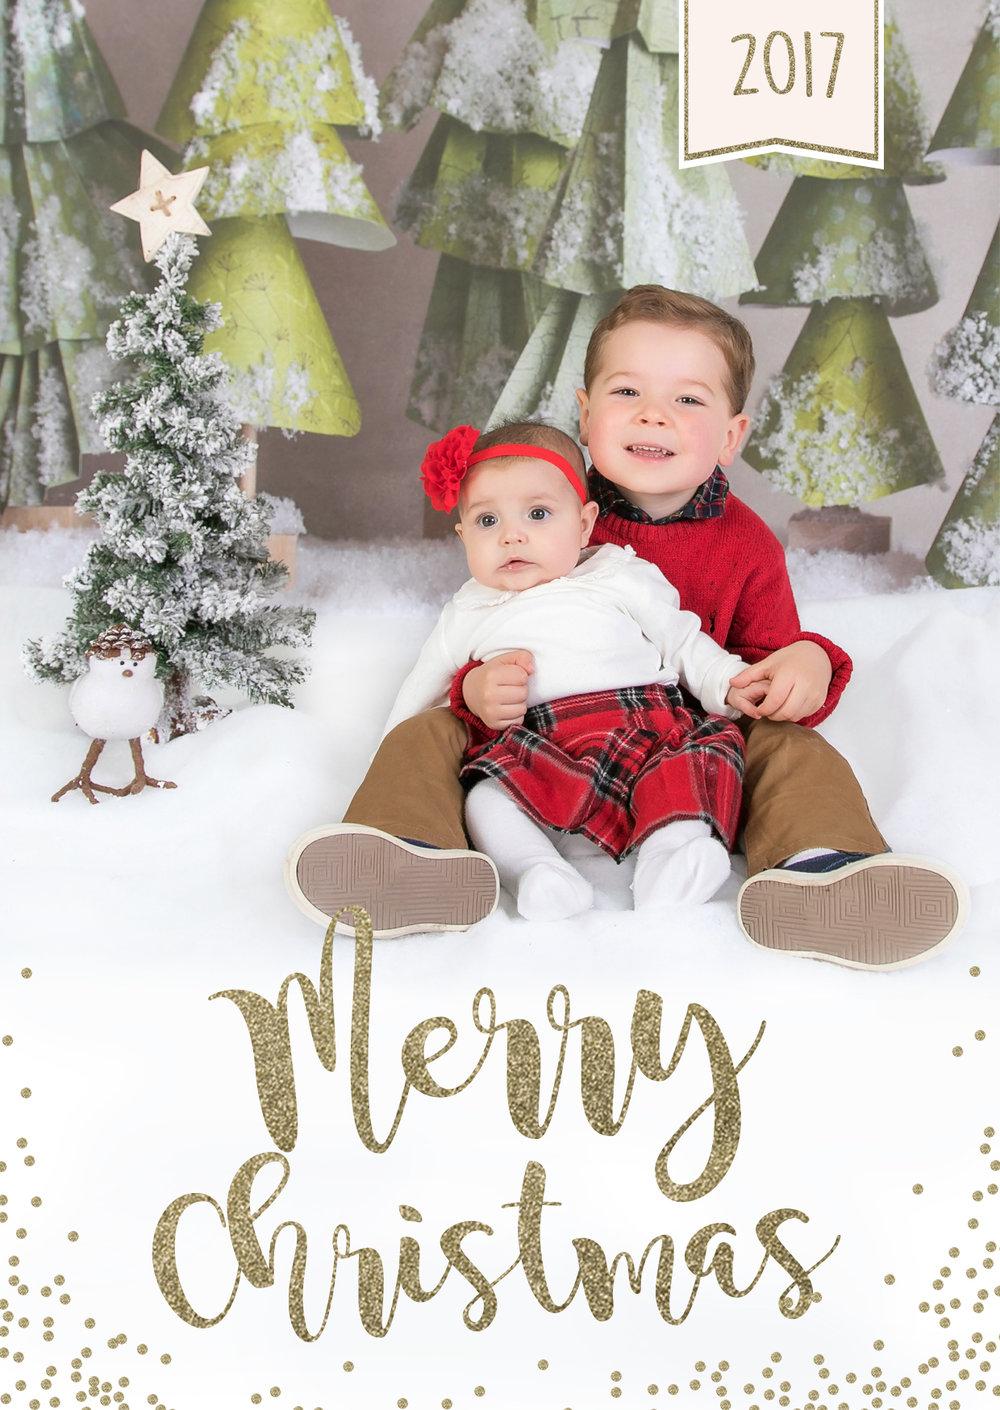 Aiden & Grace Christmas Card 2017 .jpg